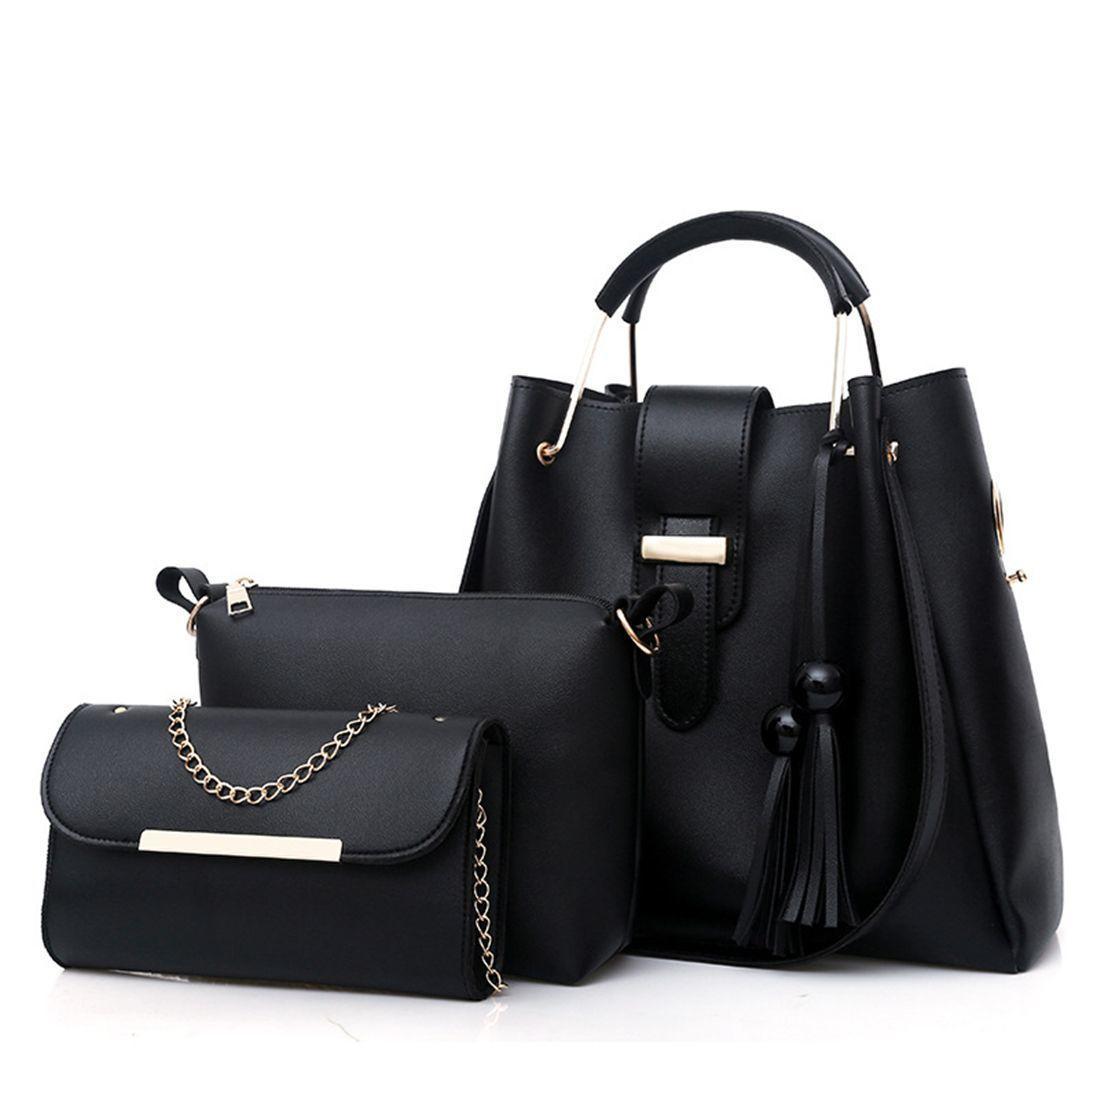 489030657d Acquista AFBC New Fashion Donna Borse Di PU In Pelle Con Frange Spalla  Messenger Borsa Casuale Nappa Tote Bags A $30.21 Dal Cn44 | DHgate.Com